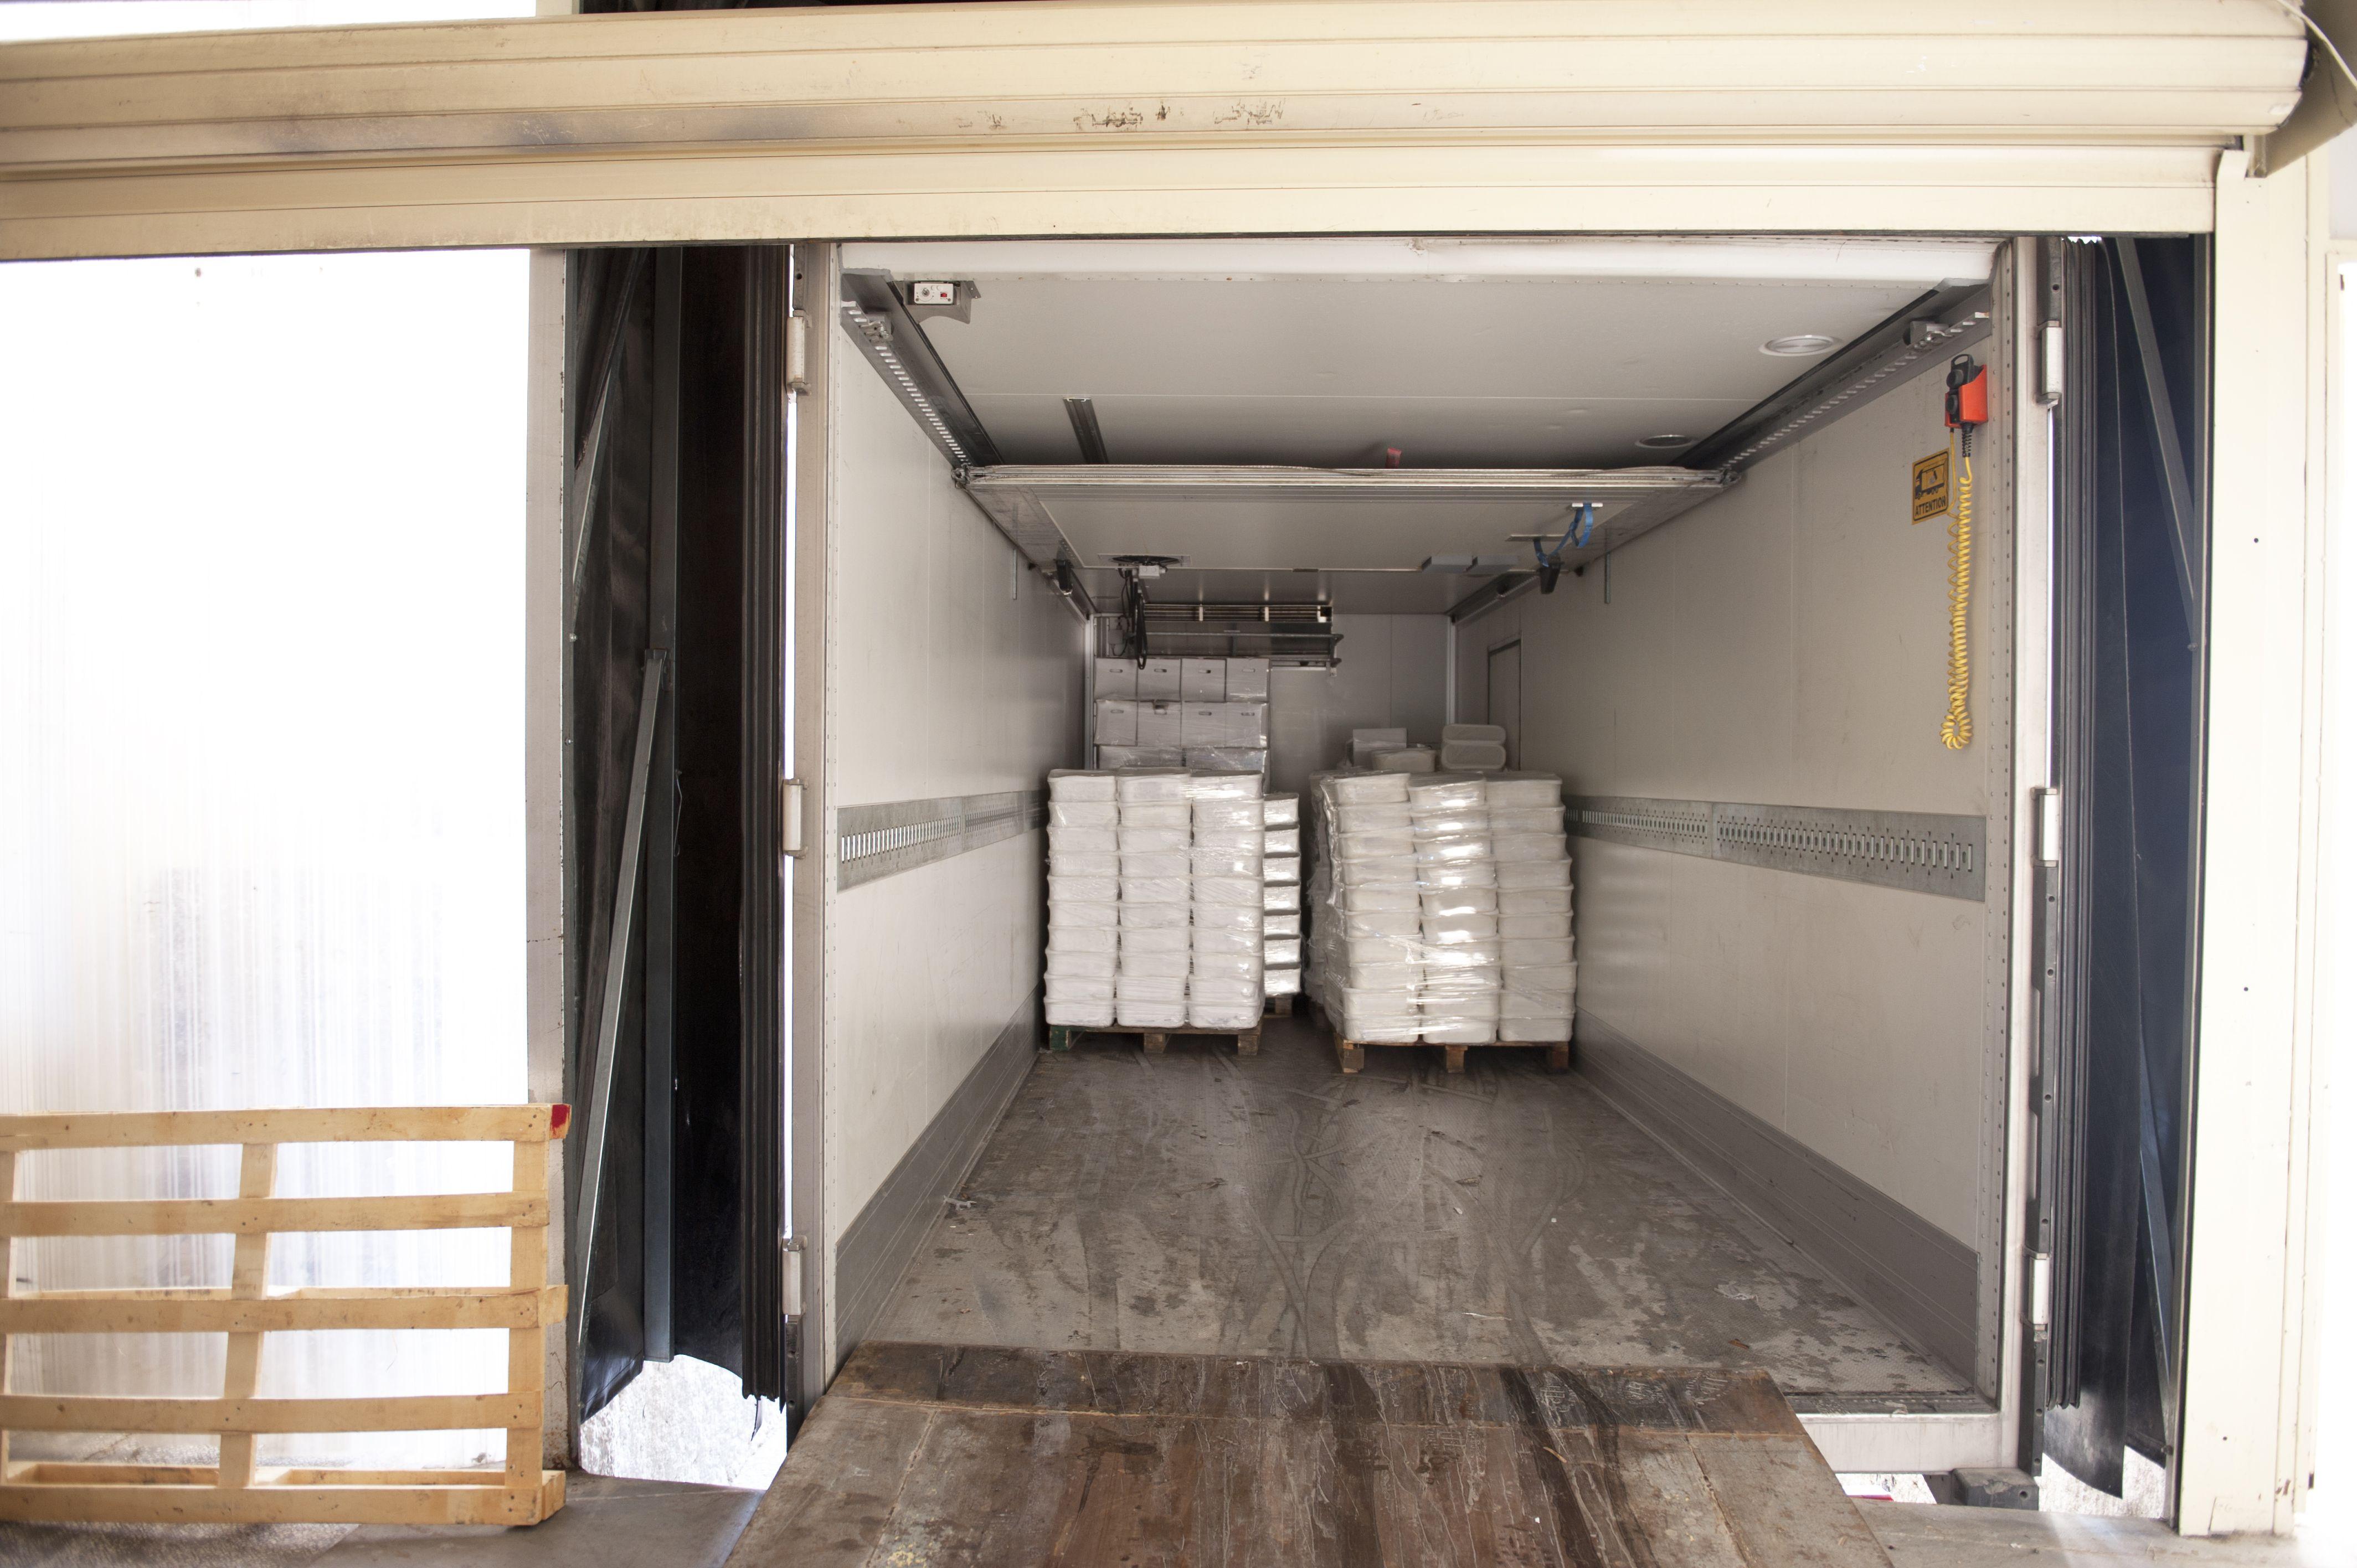 Transporte de paquetes: Servicios de Giscar Logística